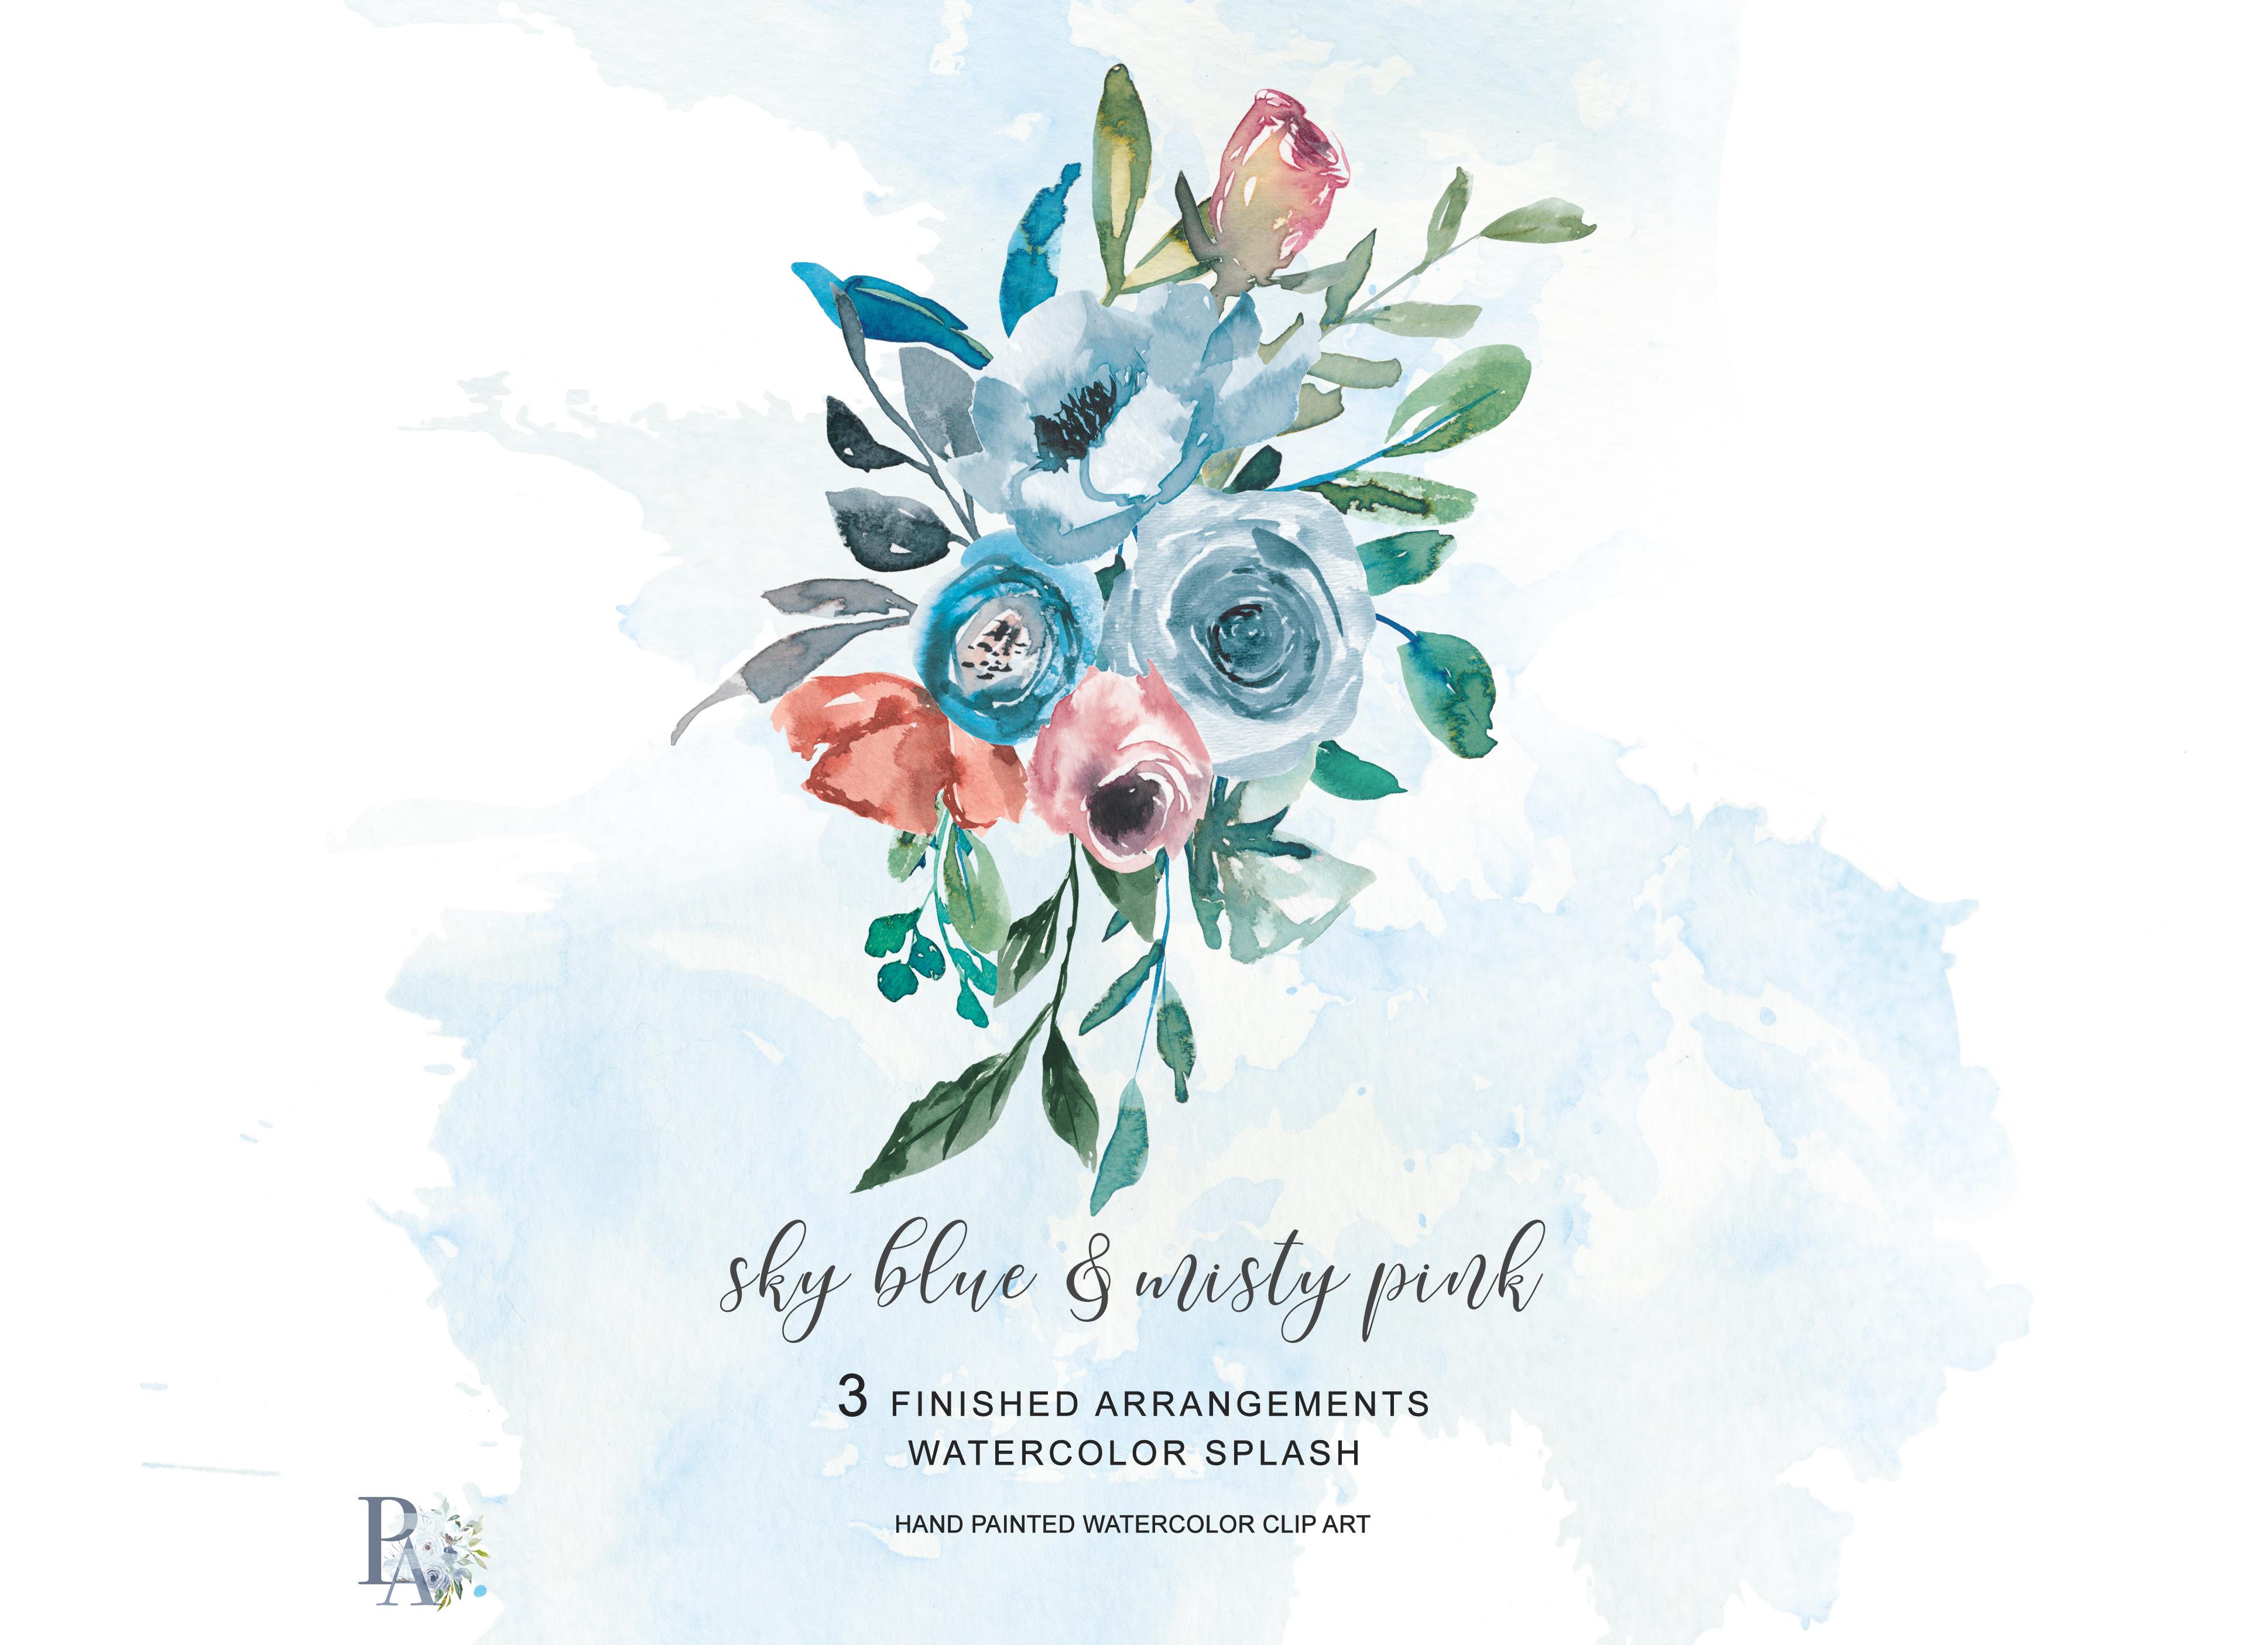 Watercolor Sky Blue Misty Pink Flowers